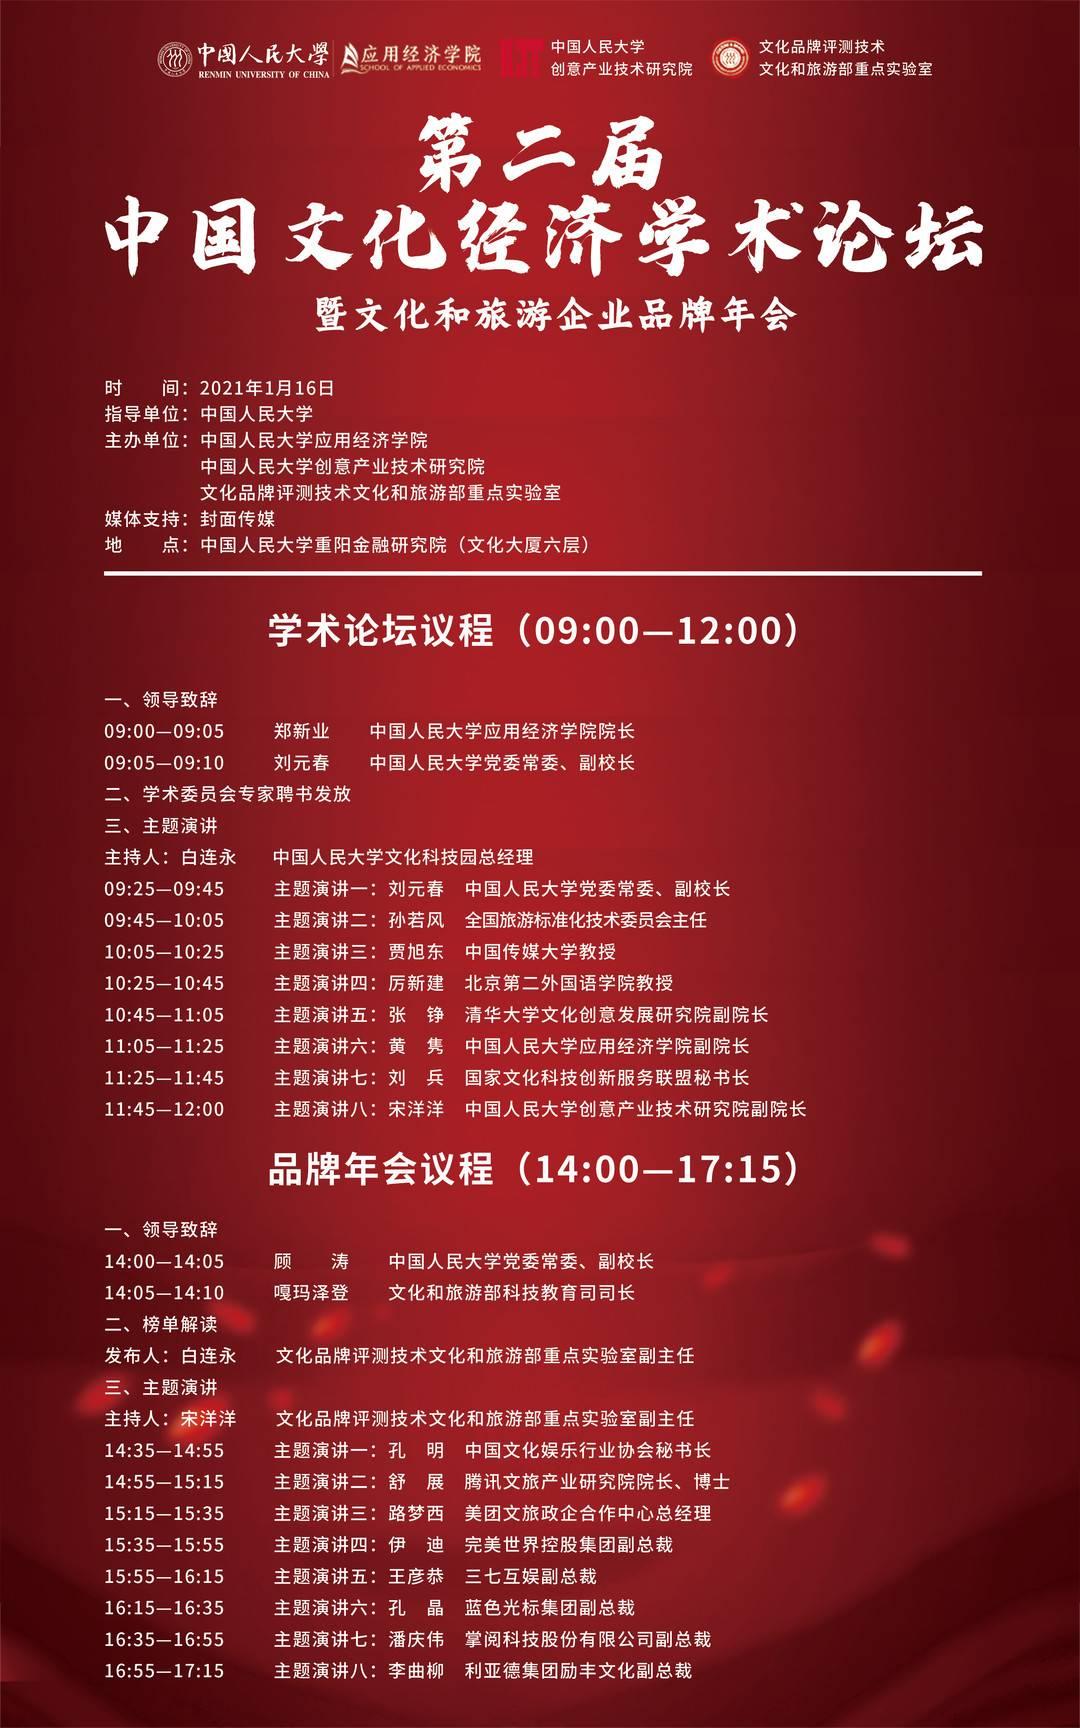 第二届中国文化经济学术论坛暨文化和旅游企业品牌年会将举办